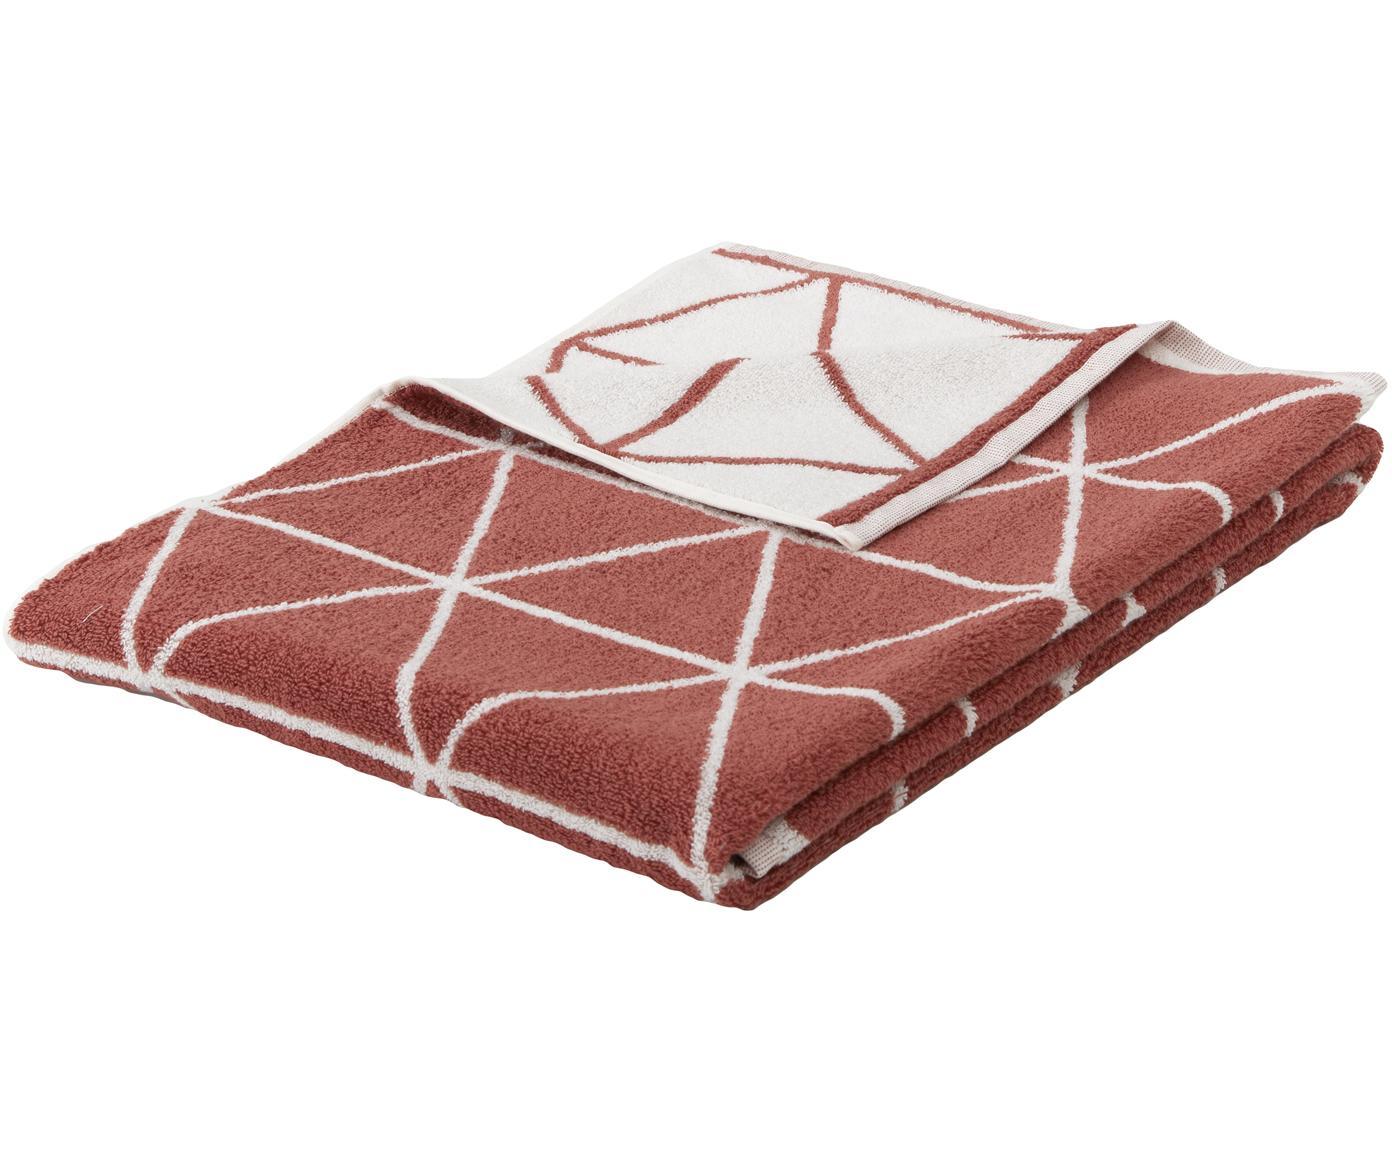 Dwustronny ręcznik Elina, Terakota, kremowobiały, Ręcznik do rąk